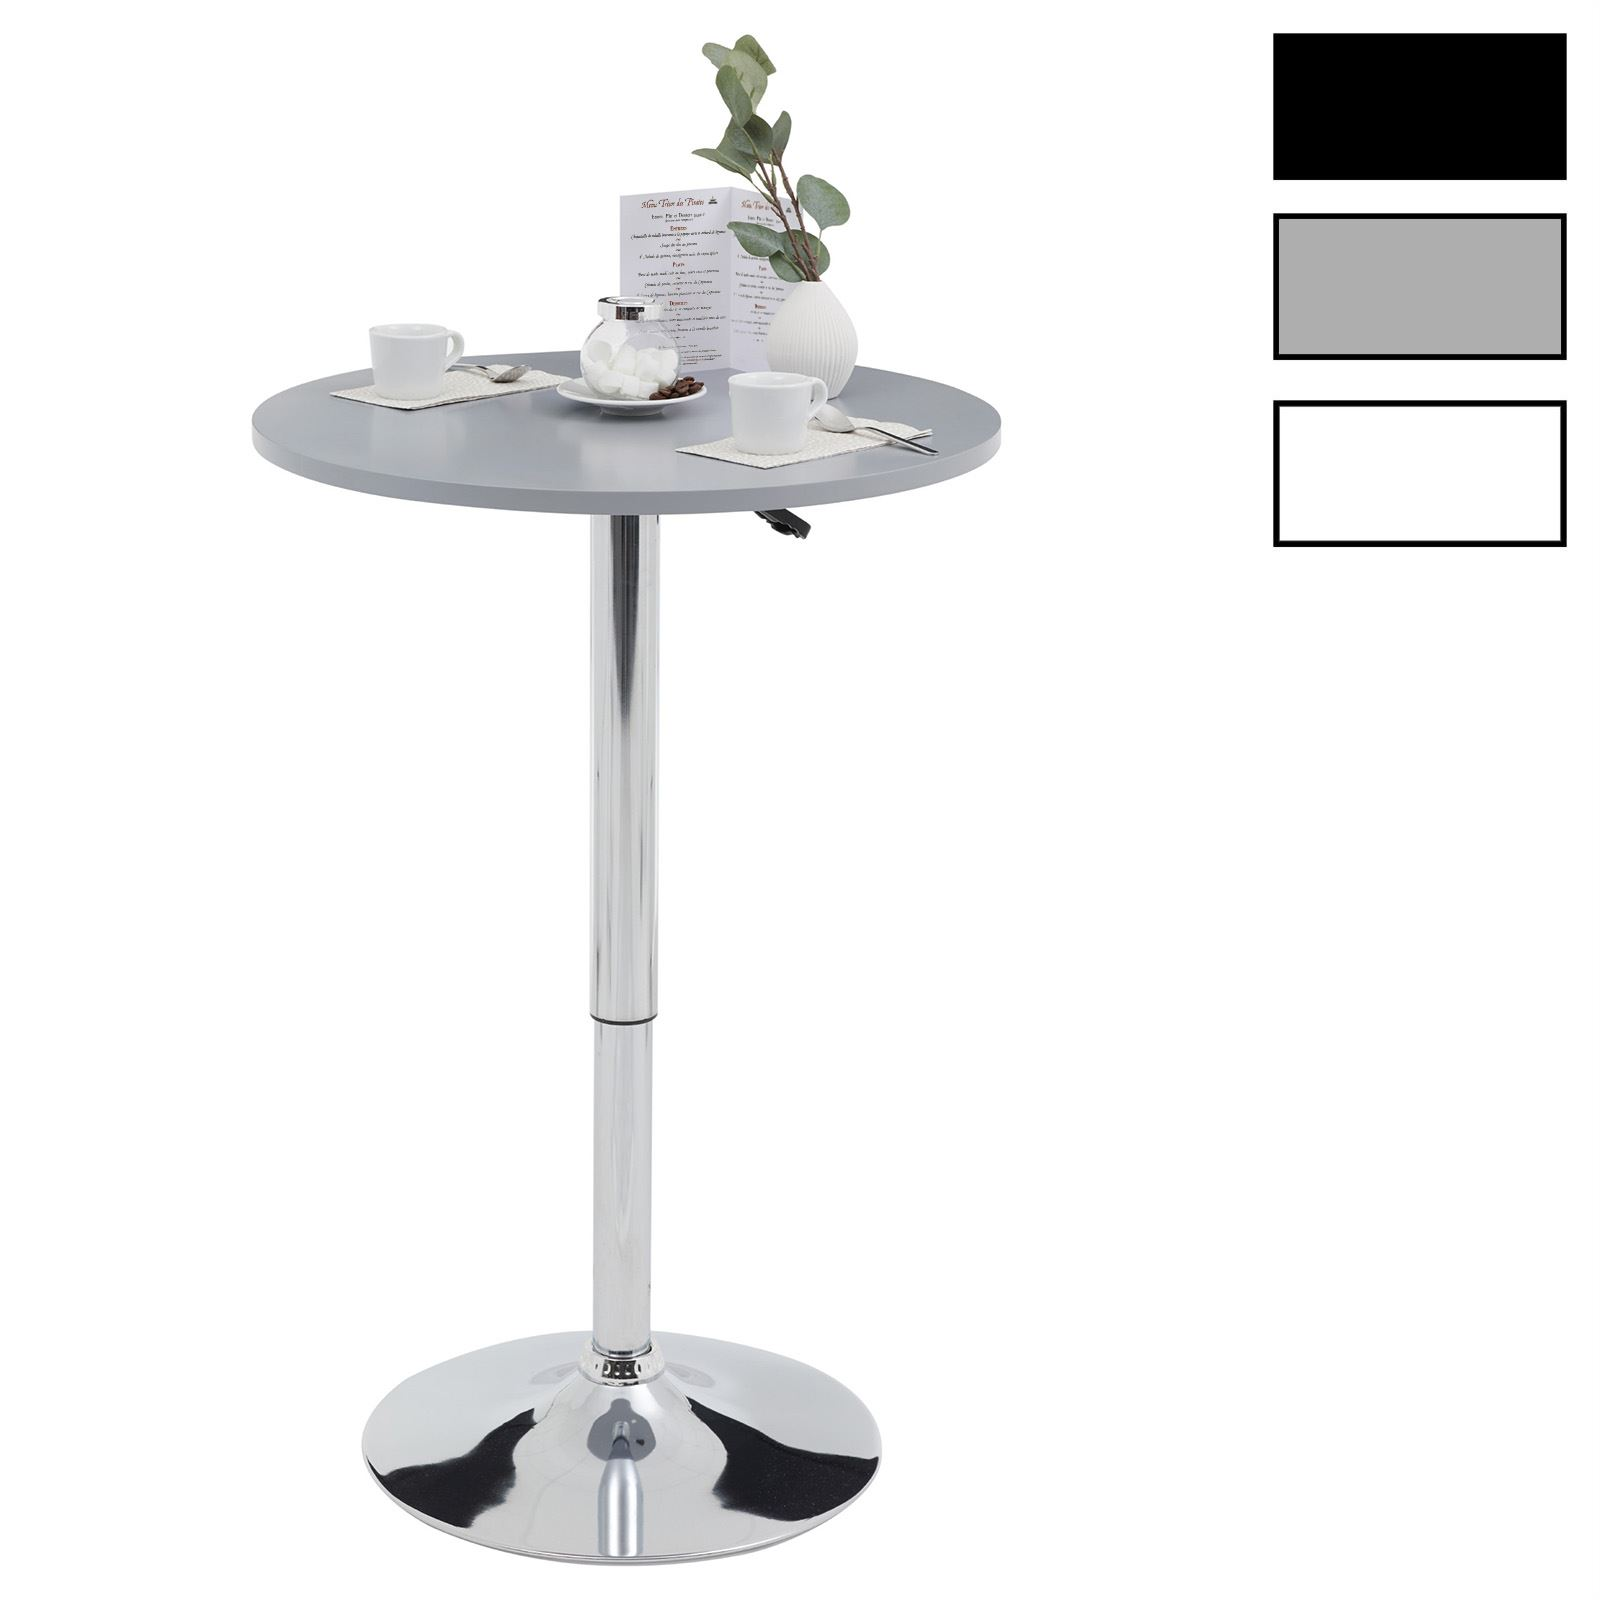 bartisch stehtisch bistrotisch beistelltisch. Black Bedroom Furniture Sets. Home Design Ideas